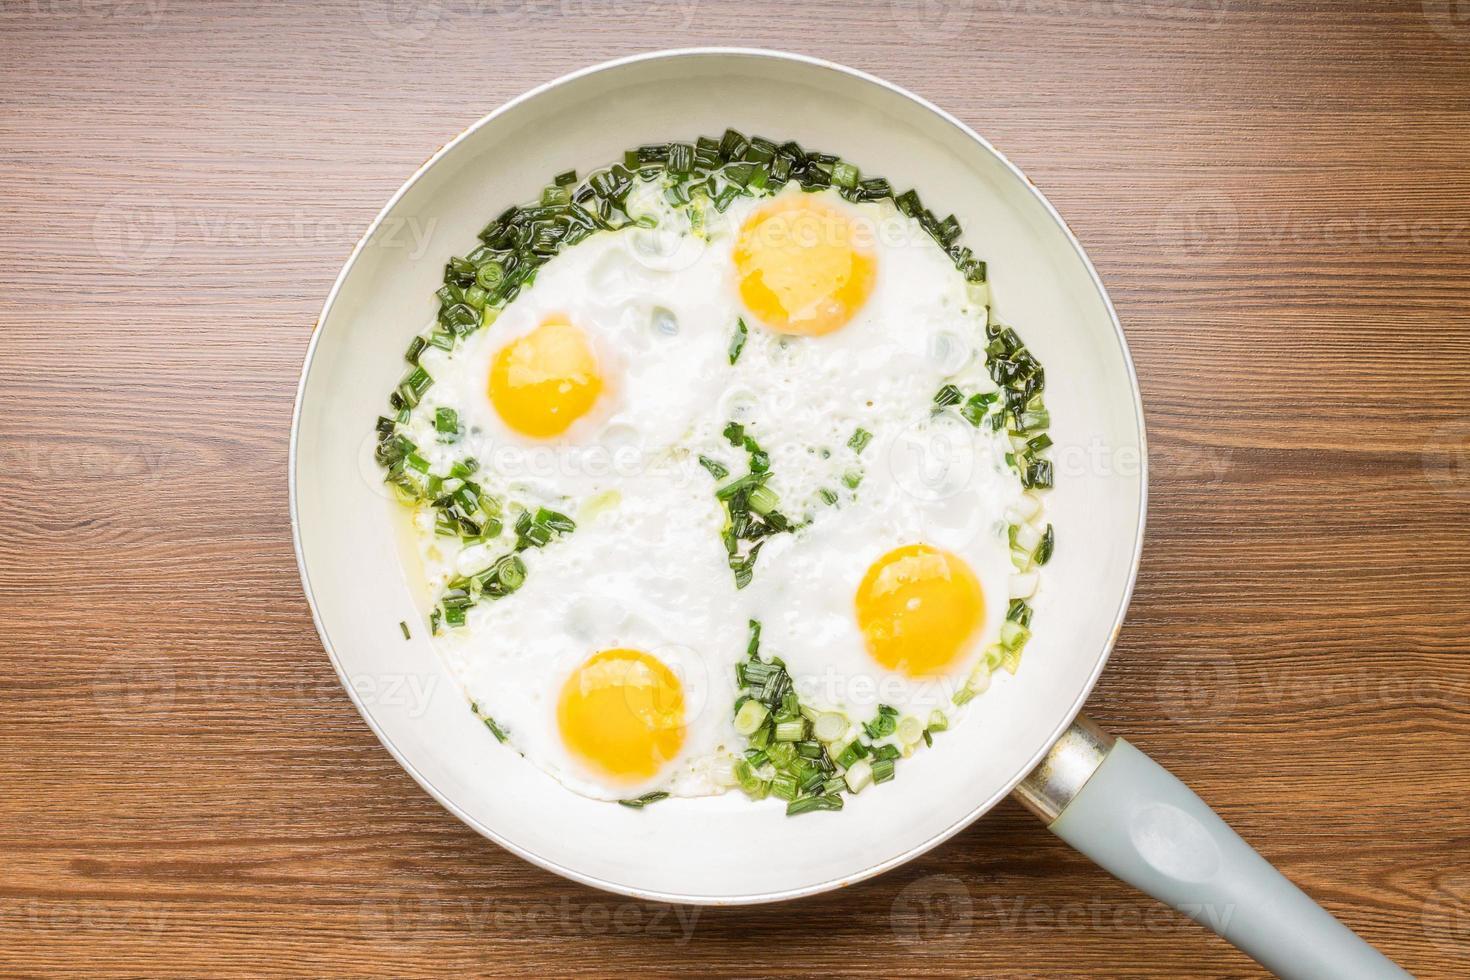 gebakken eieren in koekenpan op hout achtergrond foto